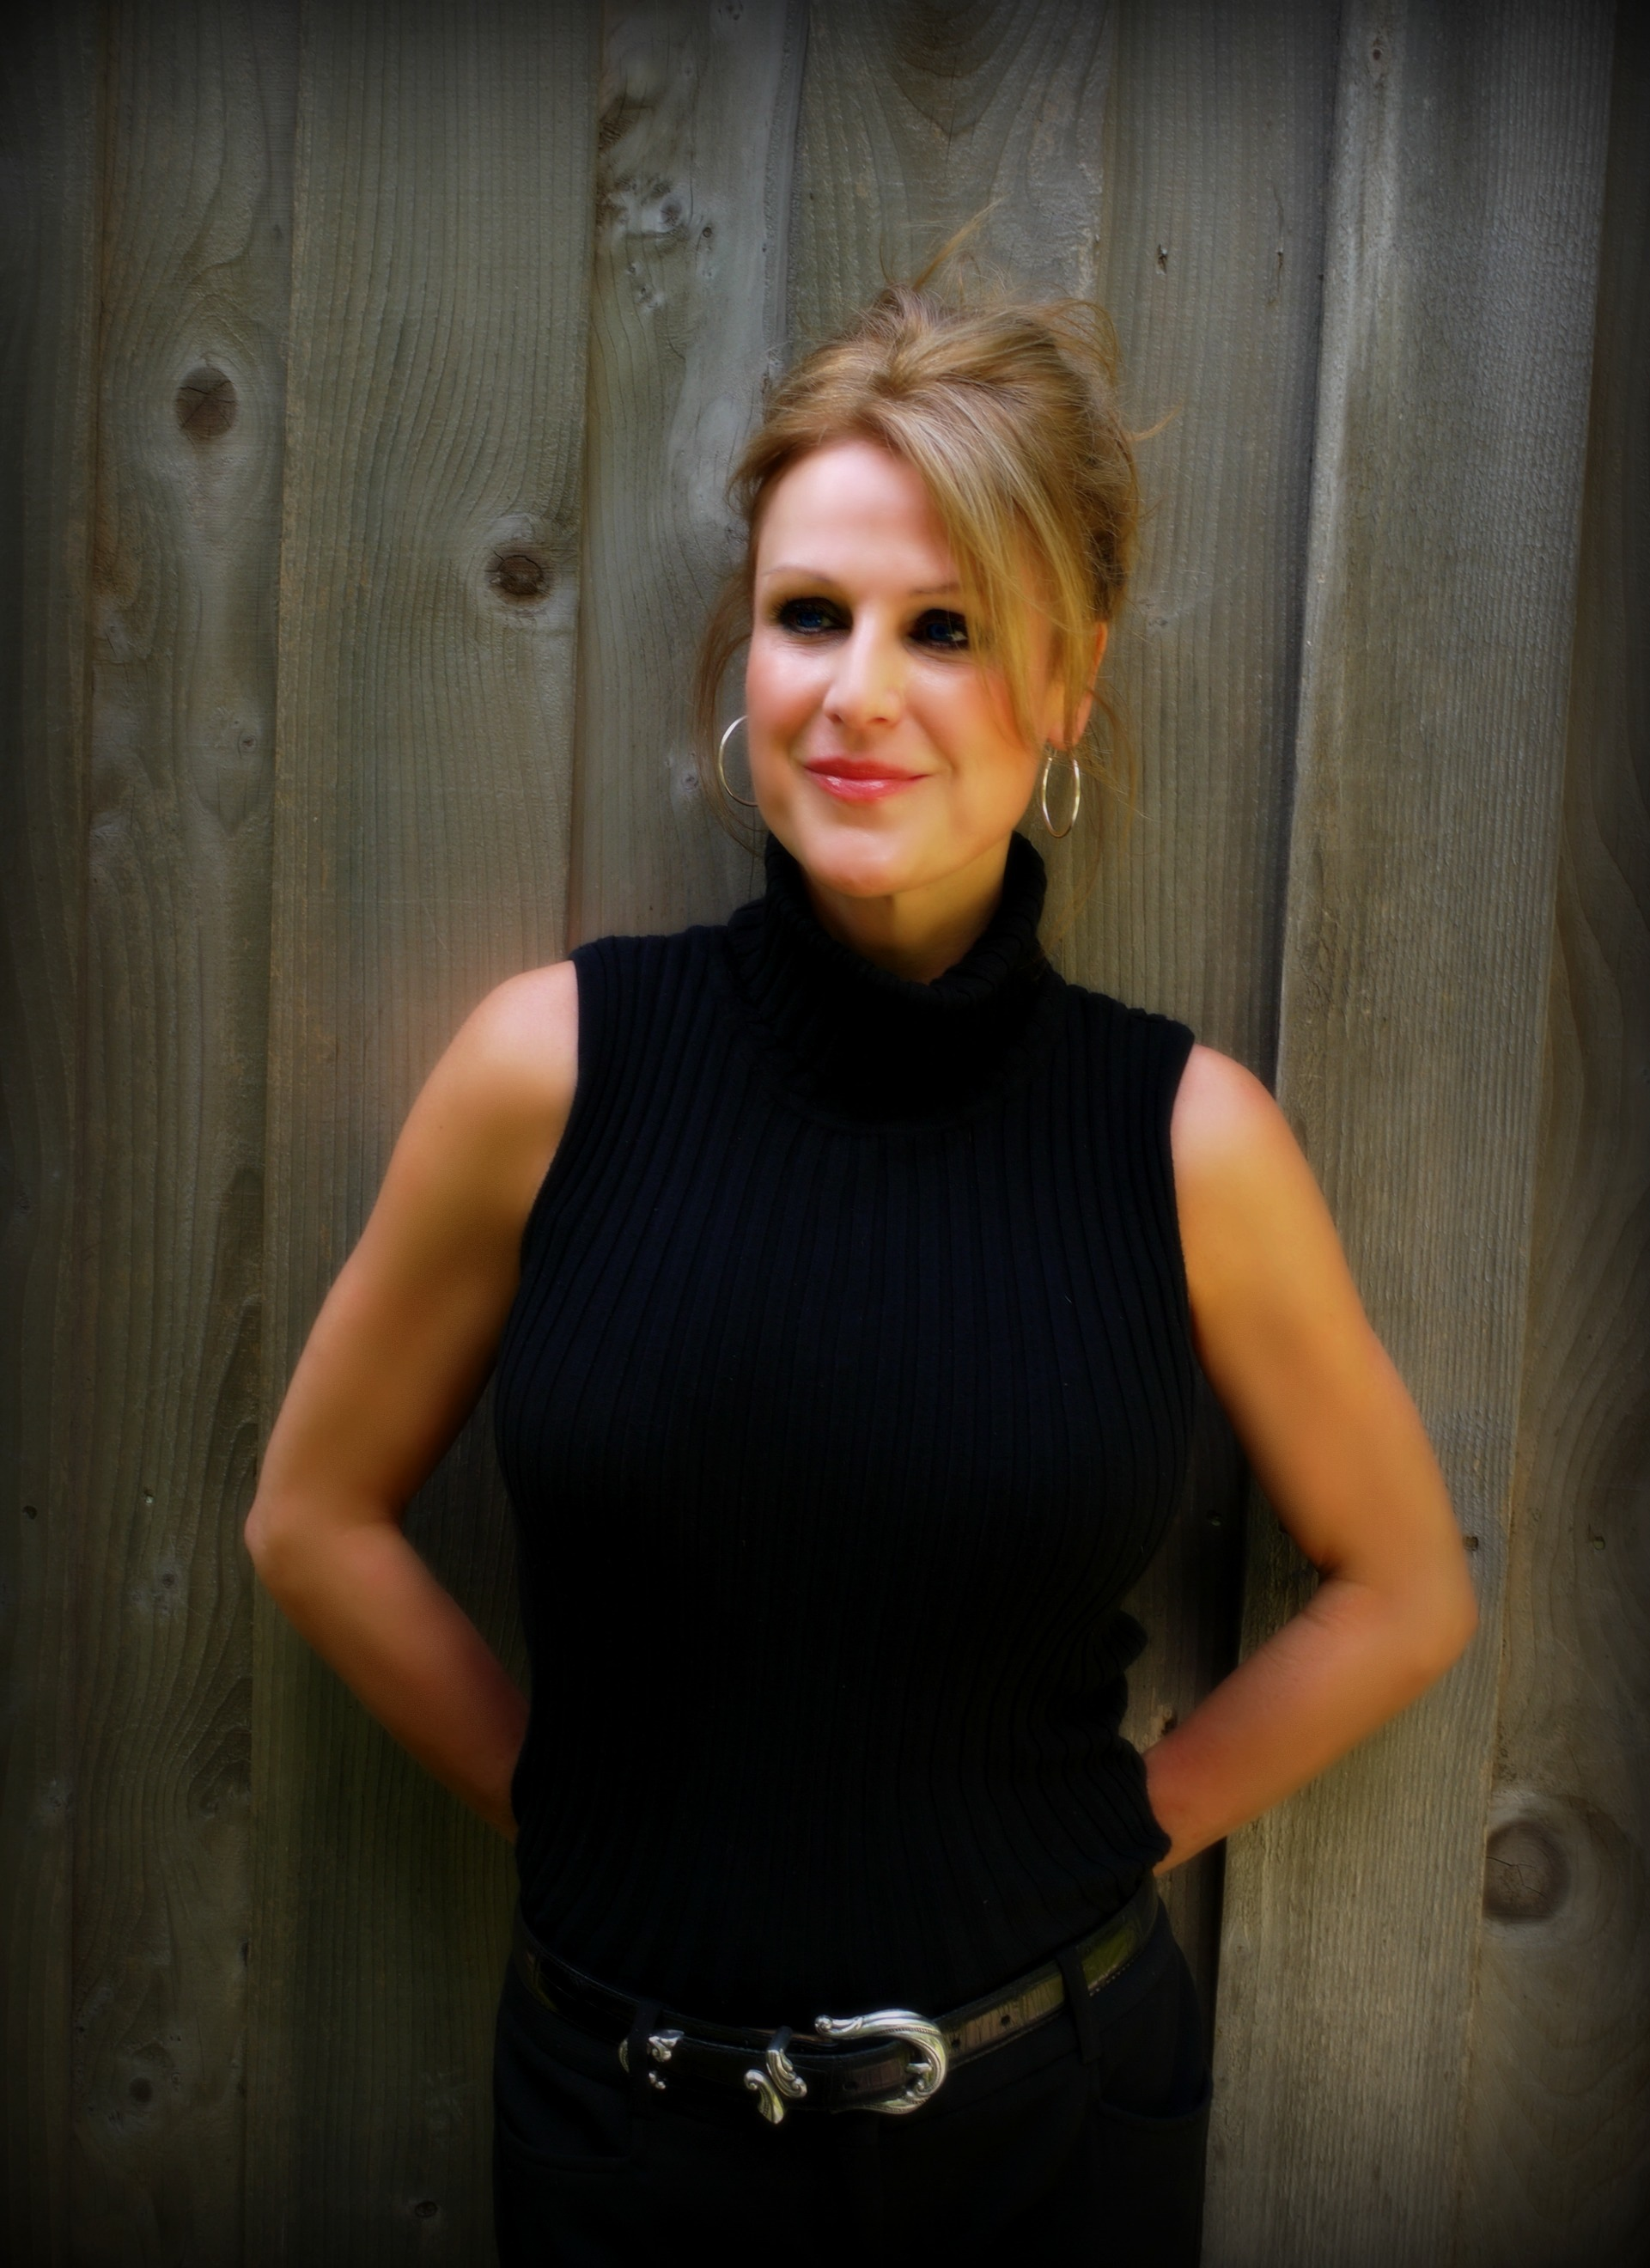 Author Amanda M. Thrasher